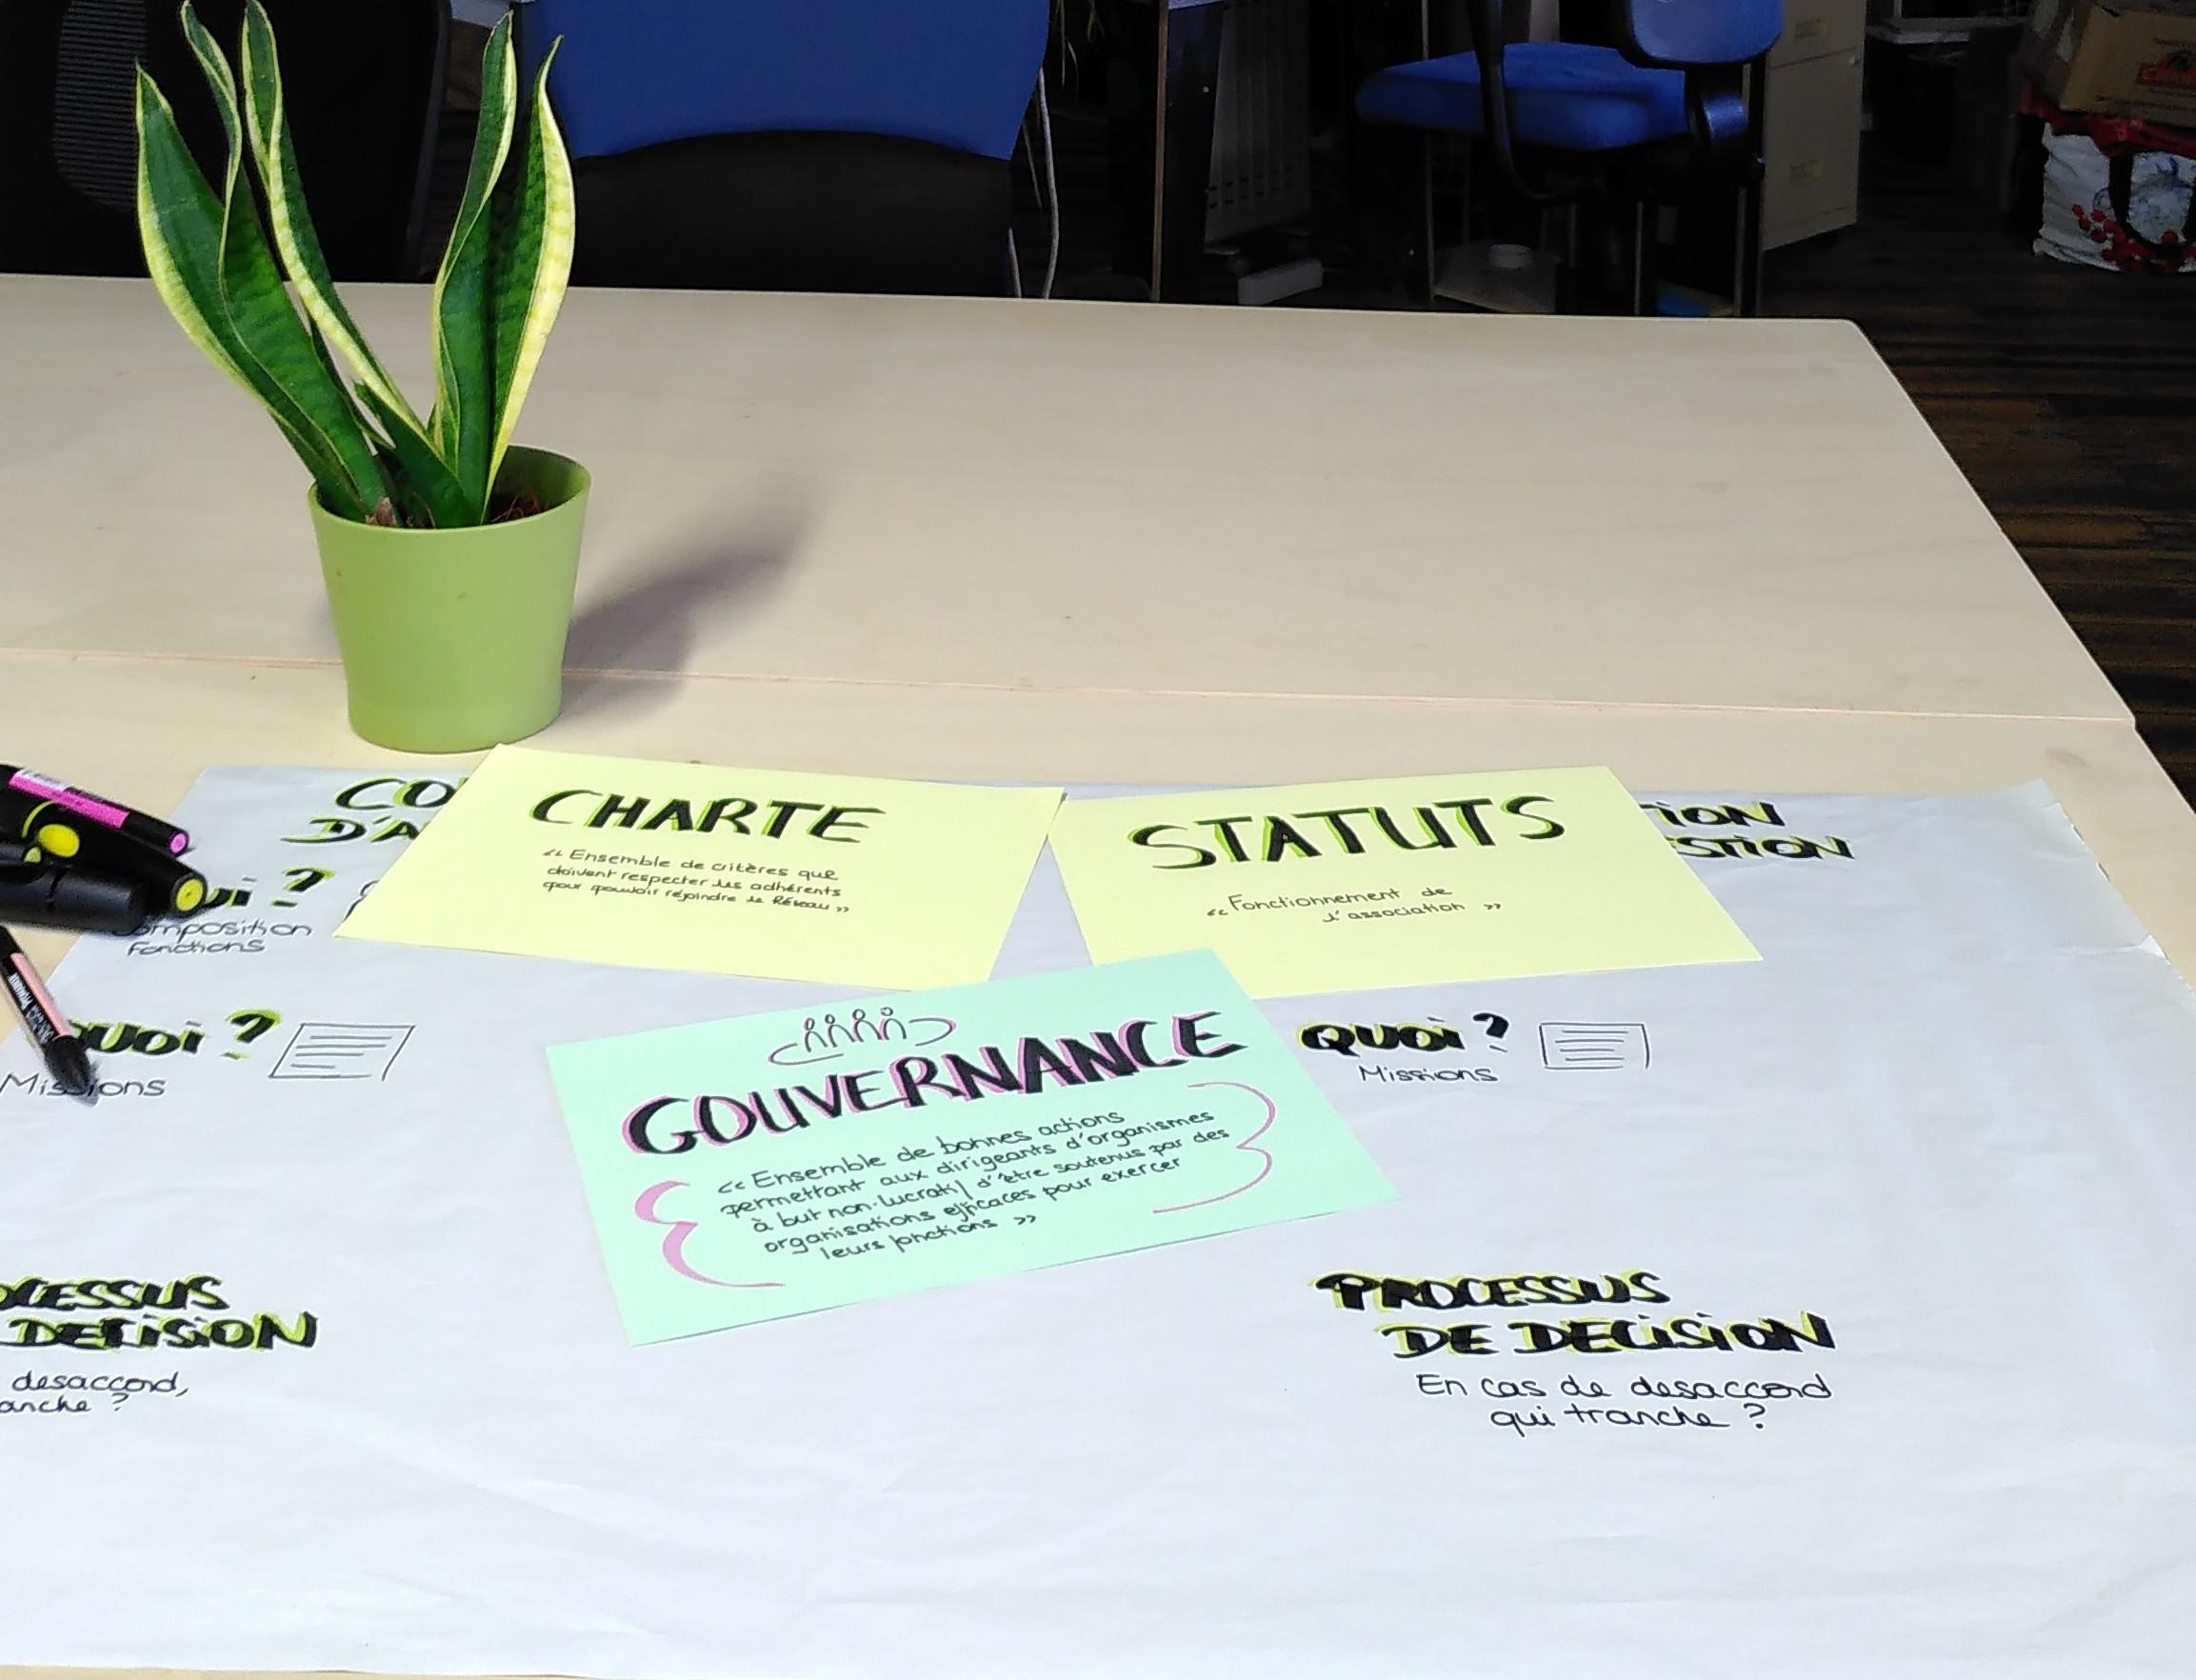 Gouvernance associative : un atelier pour réfléchir et avancer collectivement